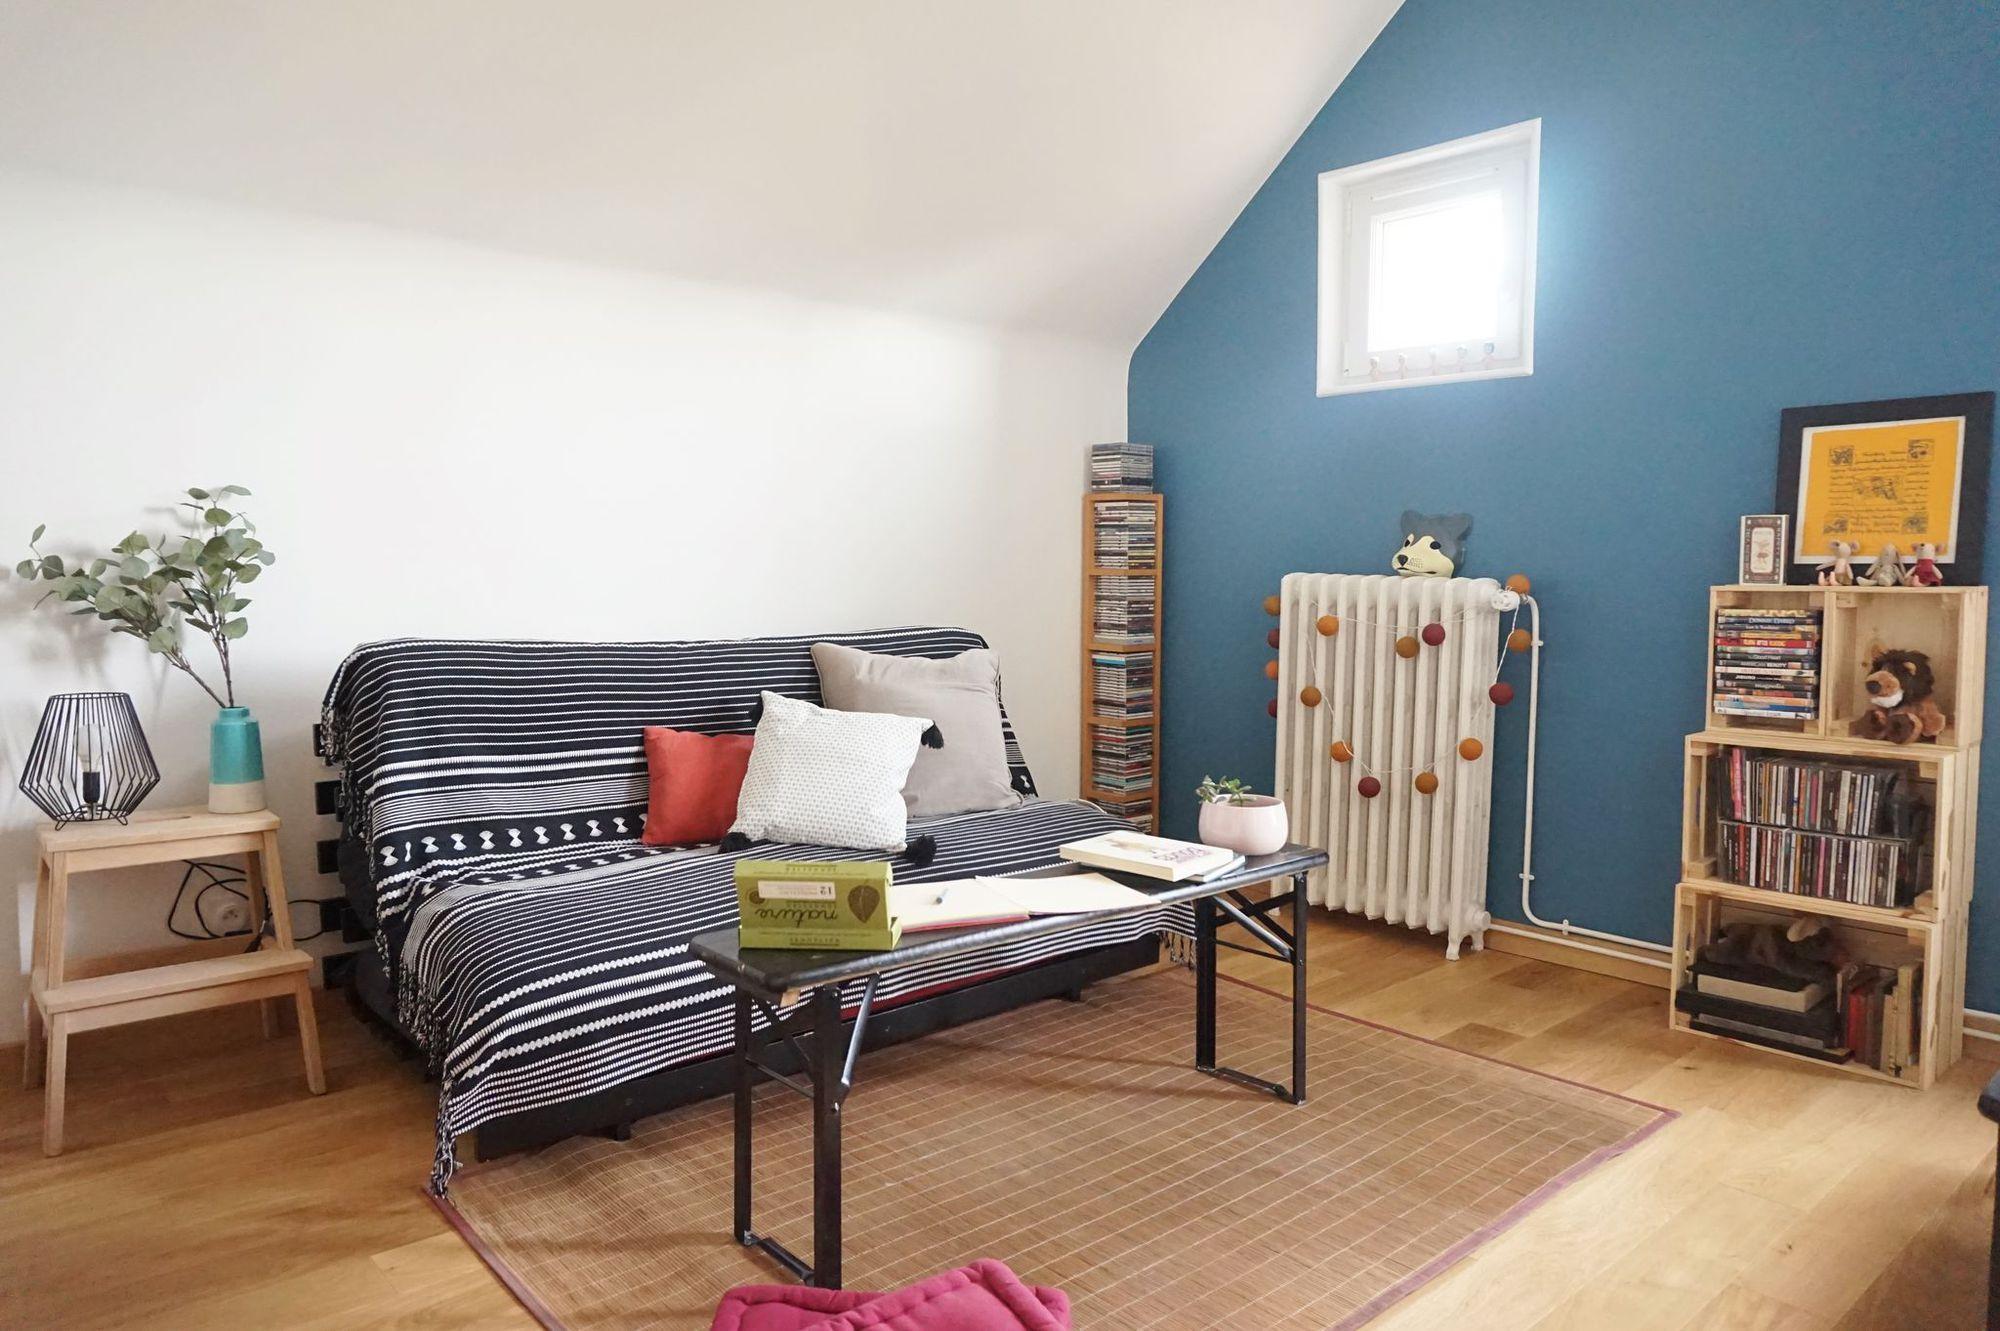 avant apr s la r novation stup fiante d 39 une meuli re dans l 39 essonne page 3 sur 4. Black Bedroom Furniture Sets. Home Design Ideas